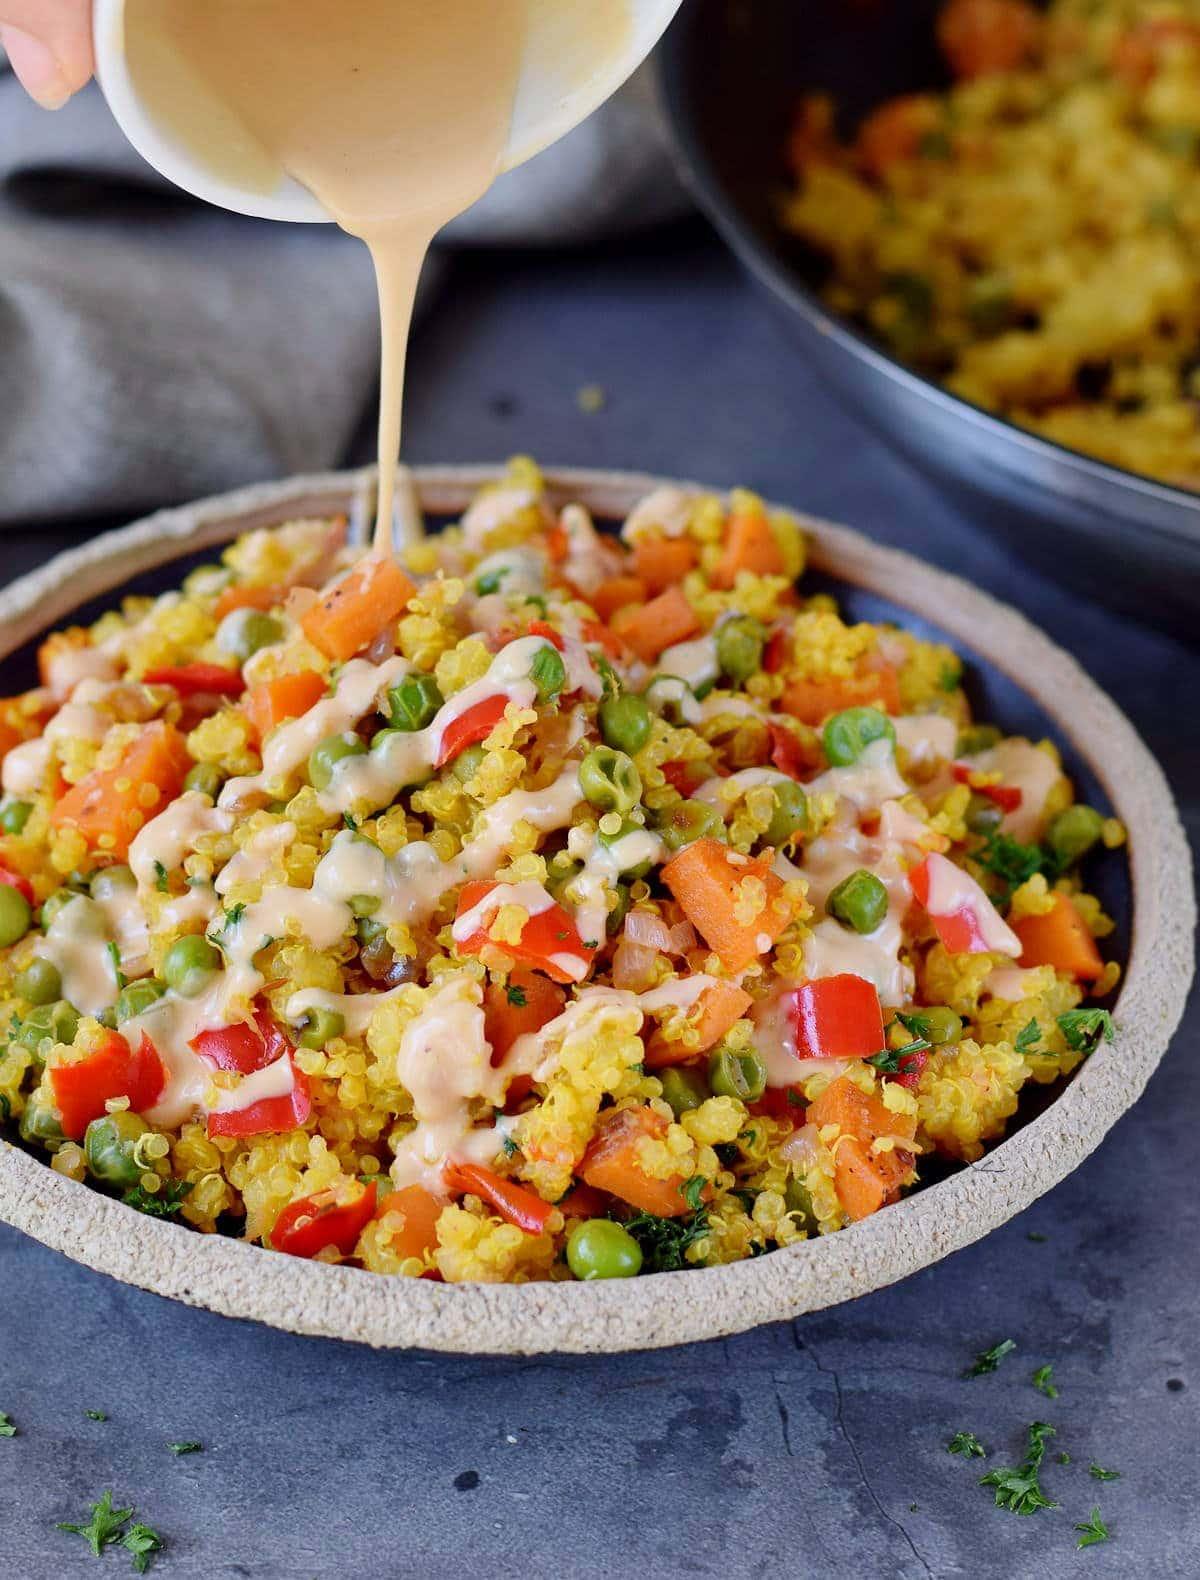 Beträufeln von cremiger Salatsoße über Quinoa mit Gemüse